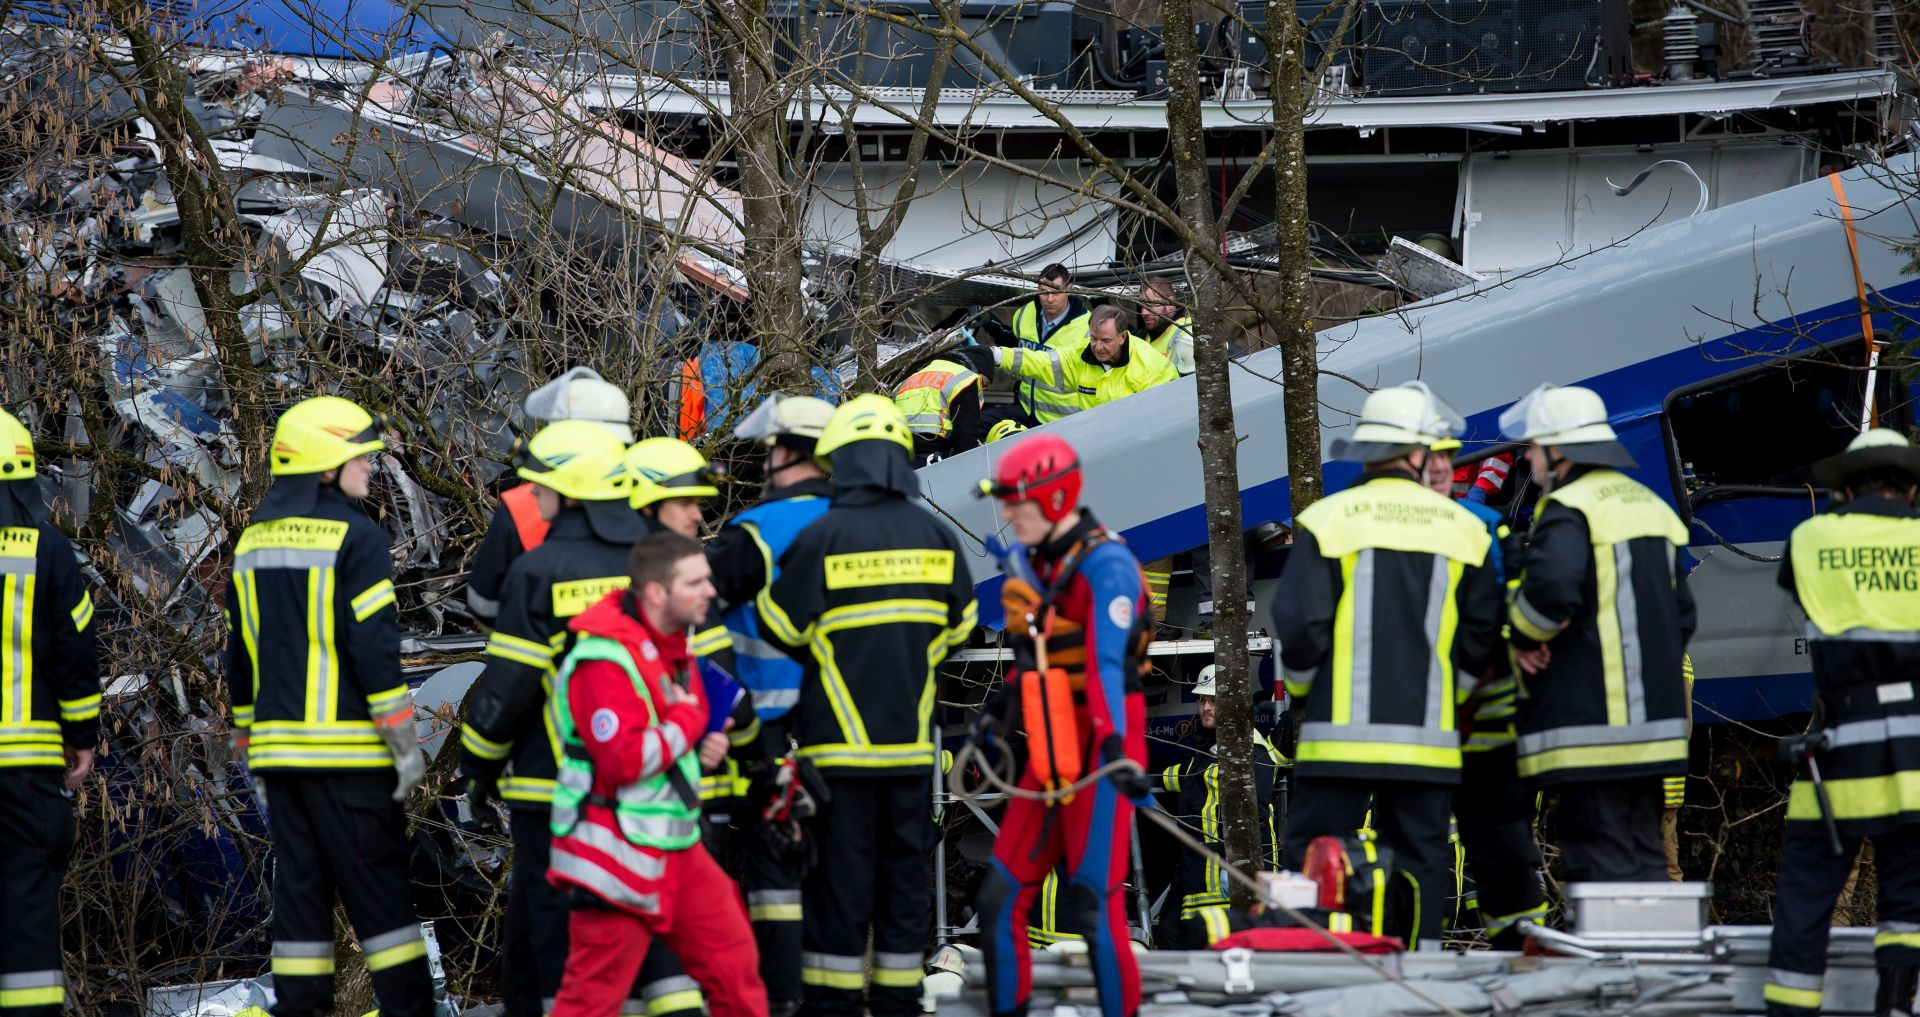 Državni odvjetnik: Ljudska pogreška odgovorna za željezničku nesreću kod Muenchena